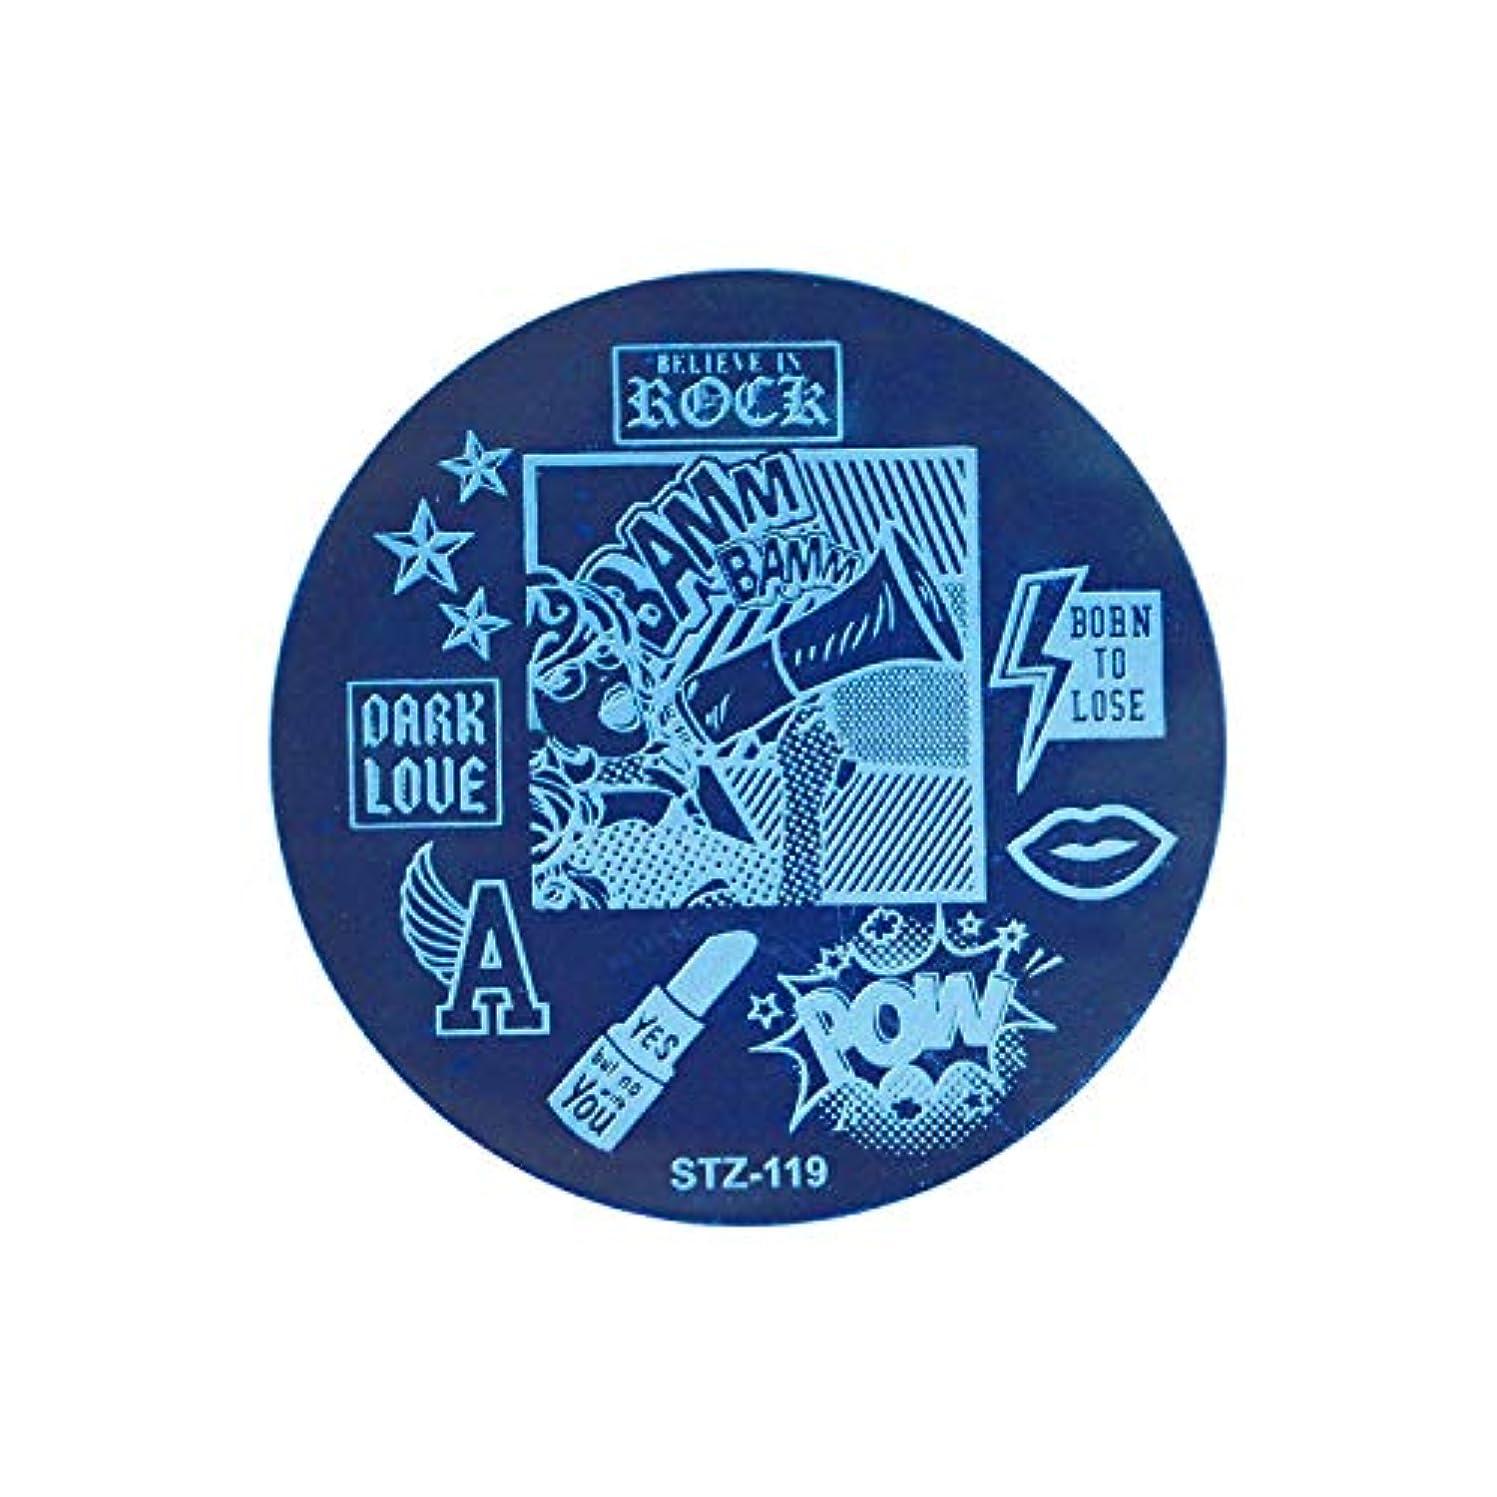 住居雪バンケット1ピースラウンドネイルスタンピングテンプレートプレートドリームキャッチャー花レース画像ポーランド転送diyツール用ネイルアート,119